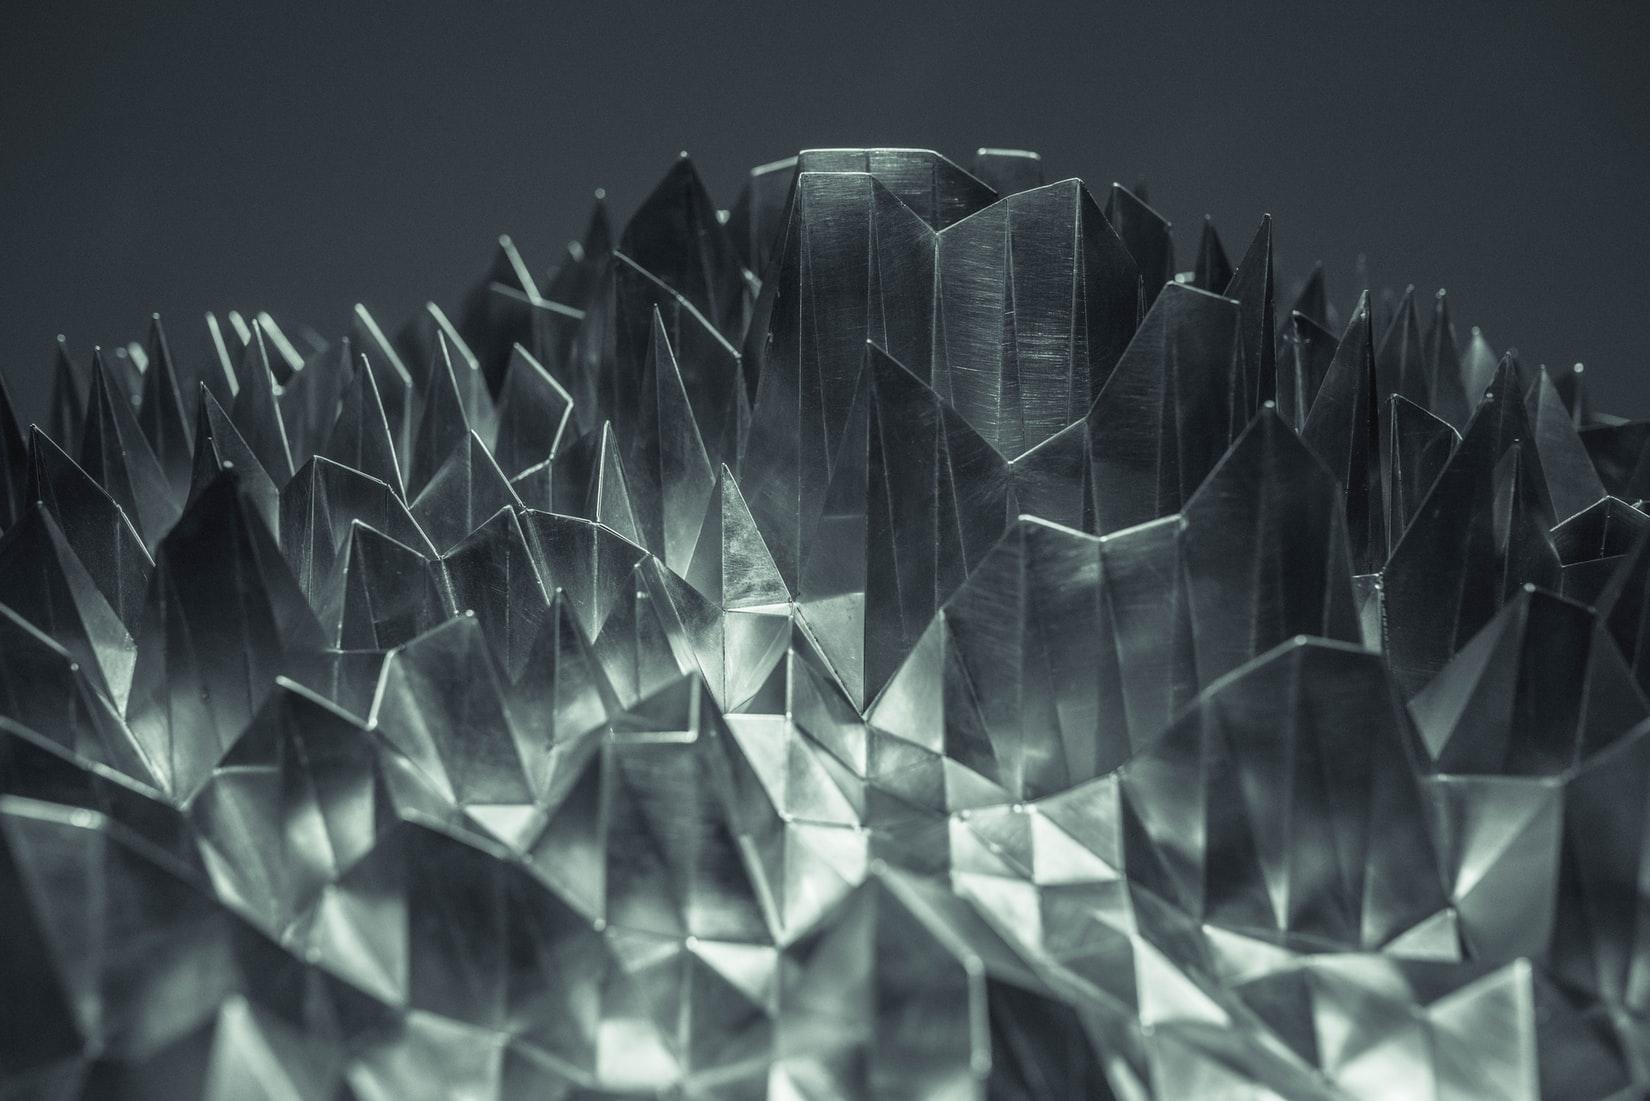 В Сколтехе предсказали сверхтвердые материалы с помощью ИИ - 2